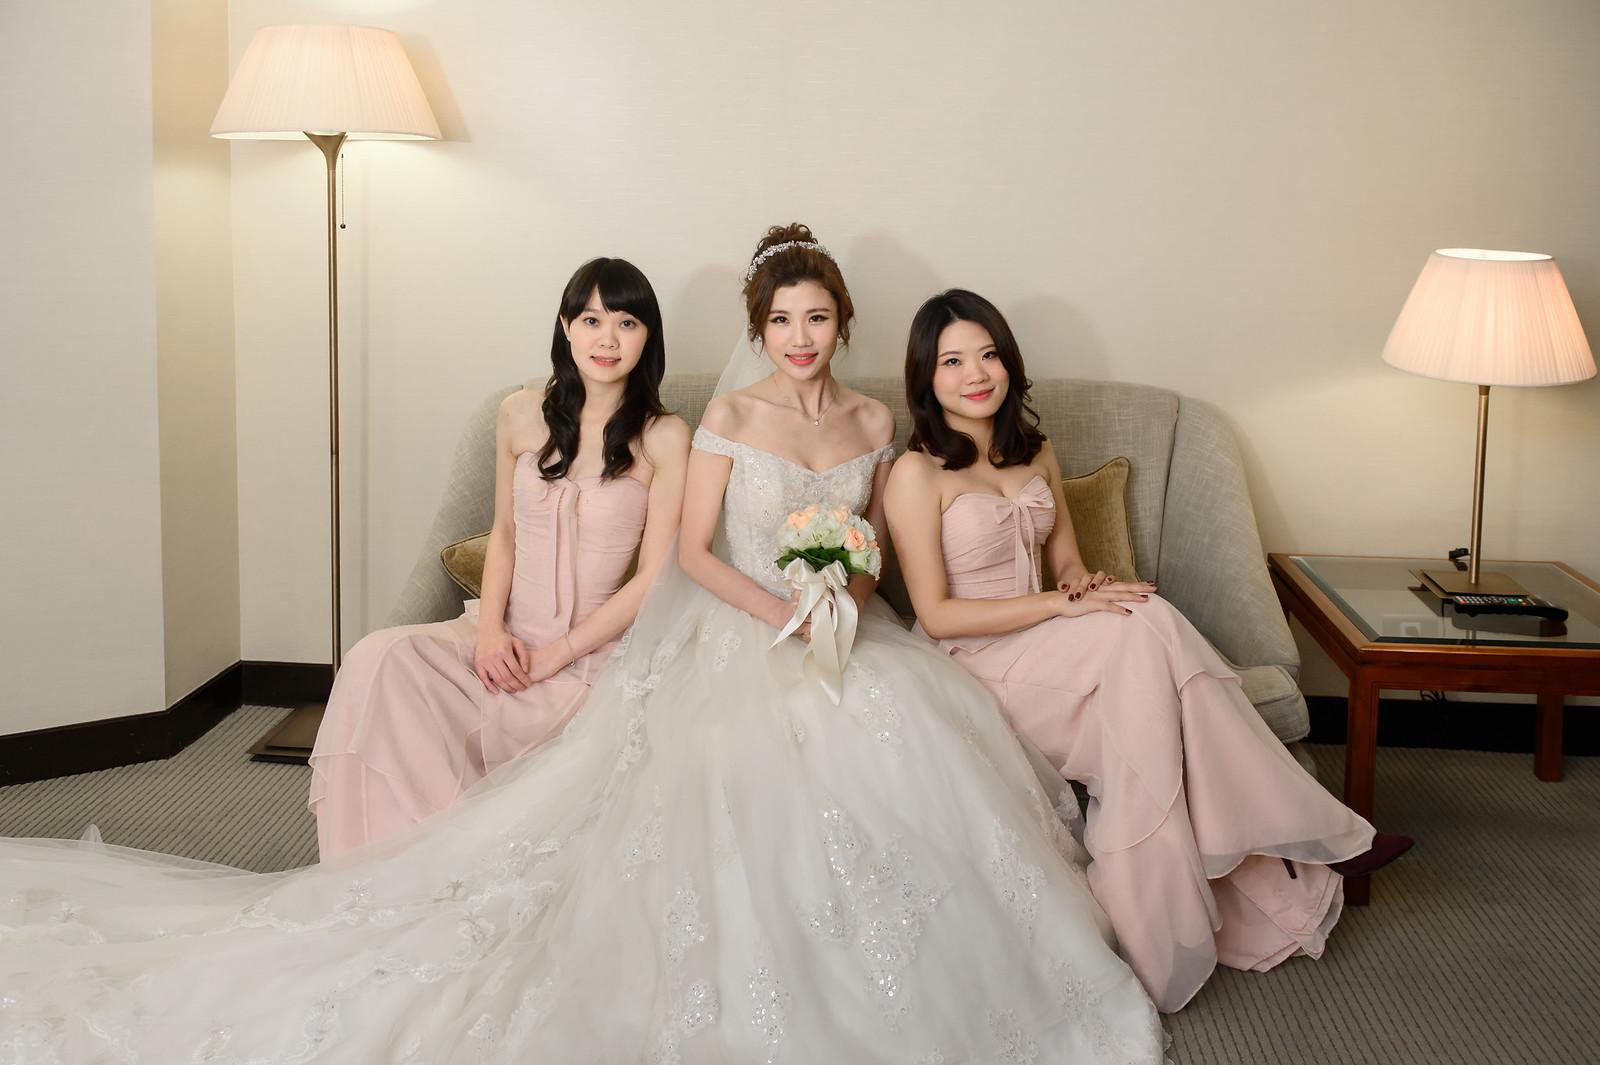 台北婚攝, 婚禮攝影, 婚攝, 婚攝守恆, 婚攝推薦, 晶華酒店, 晶華酒店婚宴, 晶華酒店婚攝-62